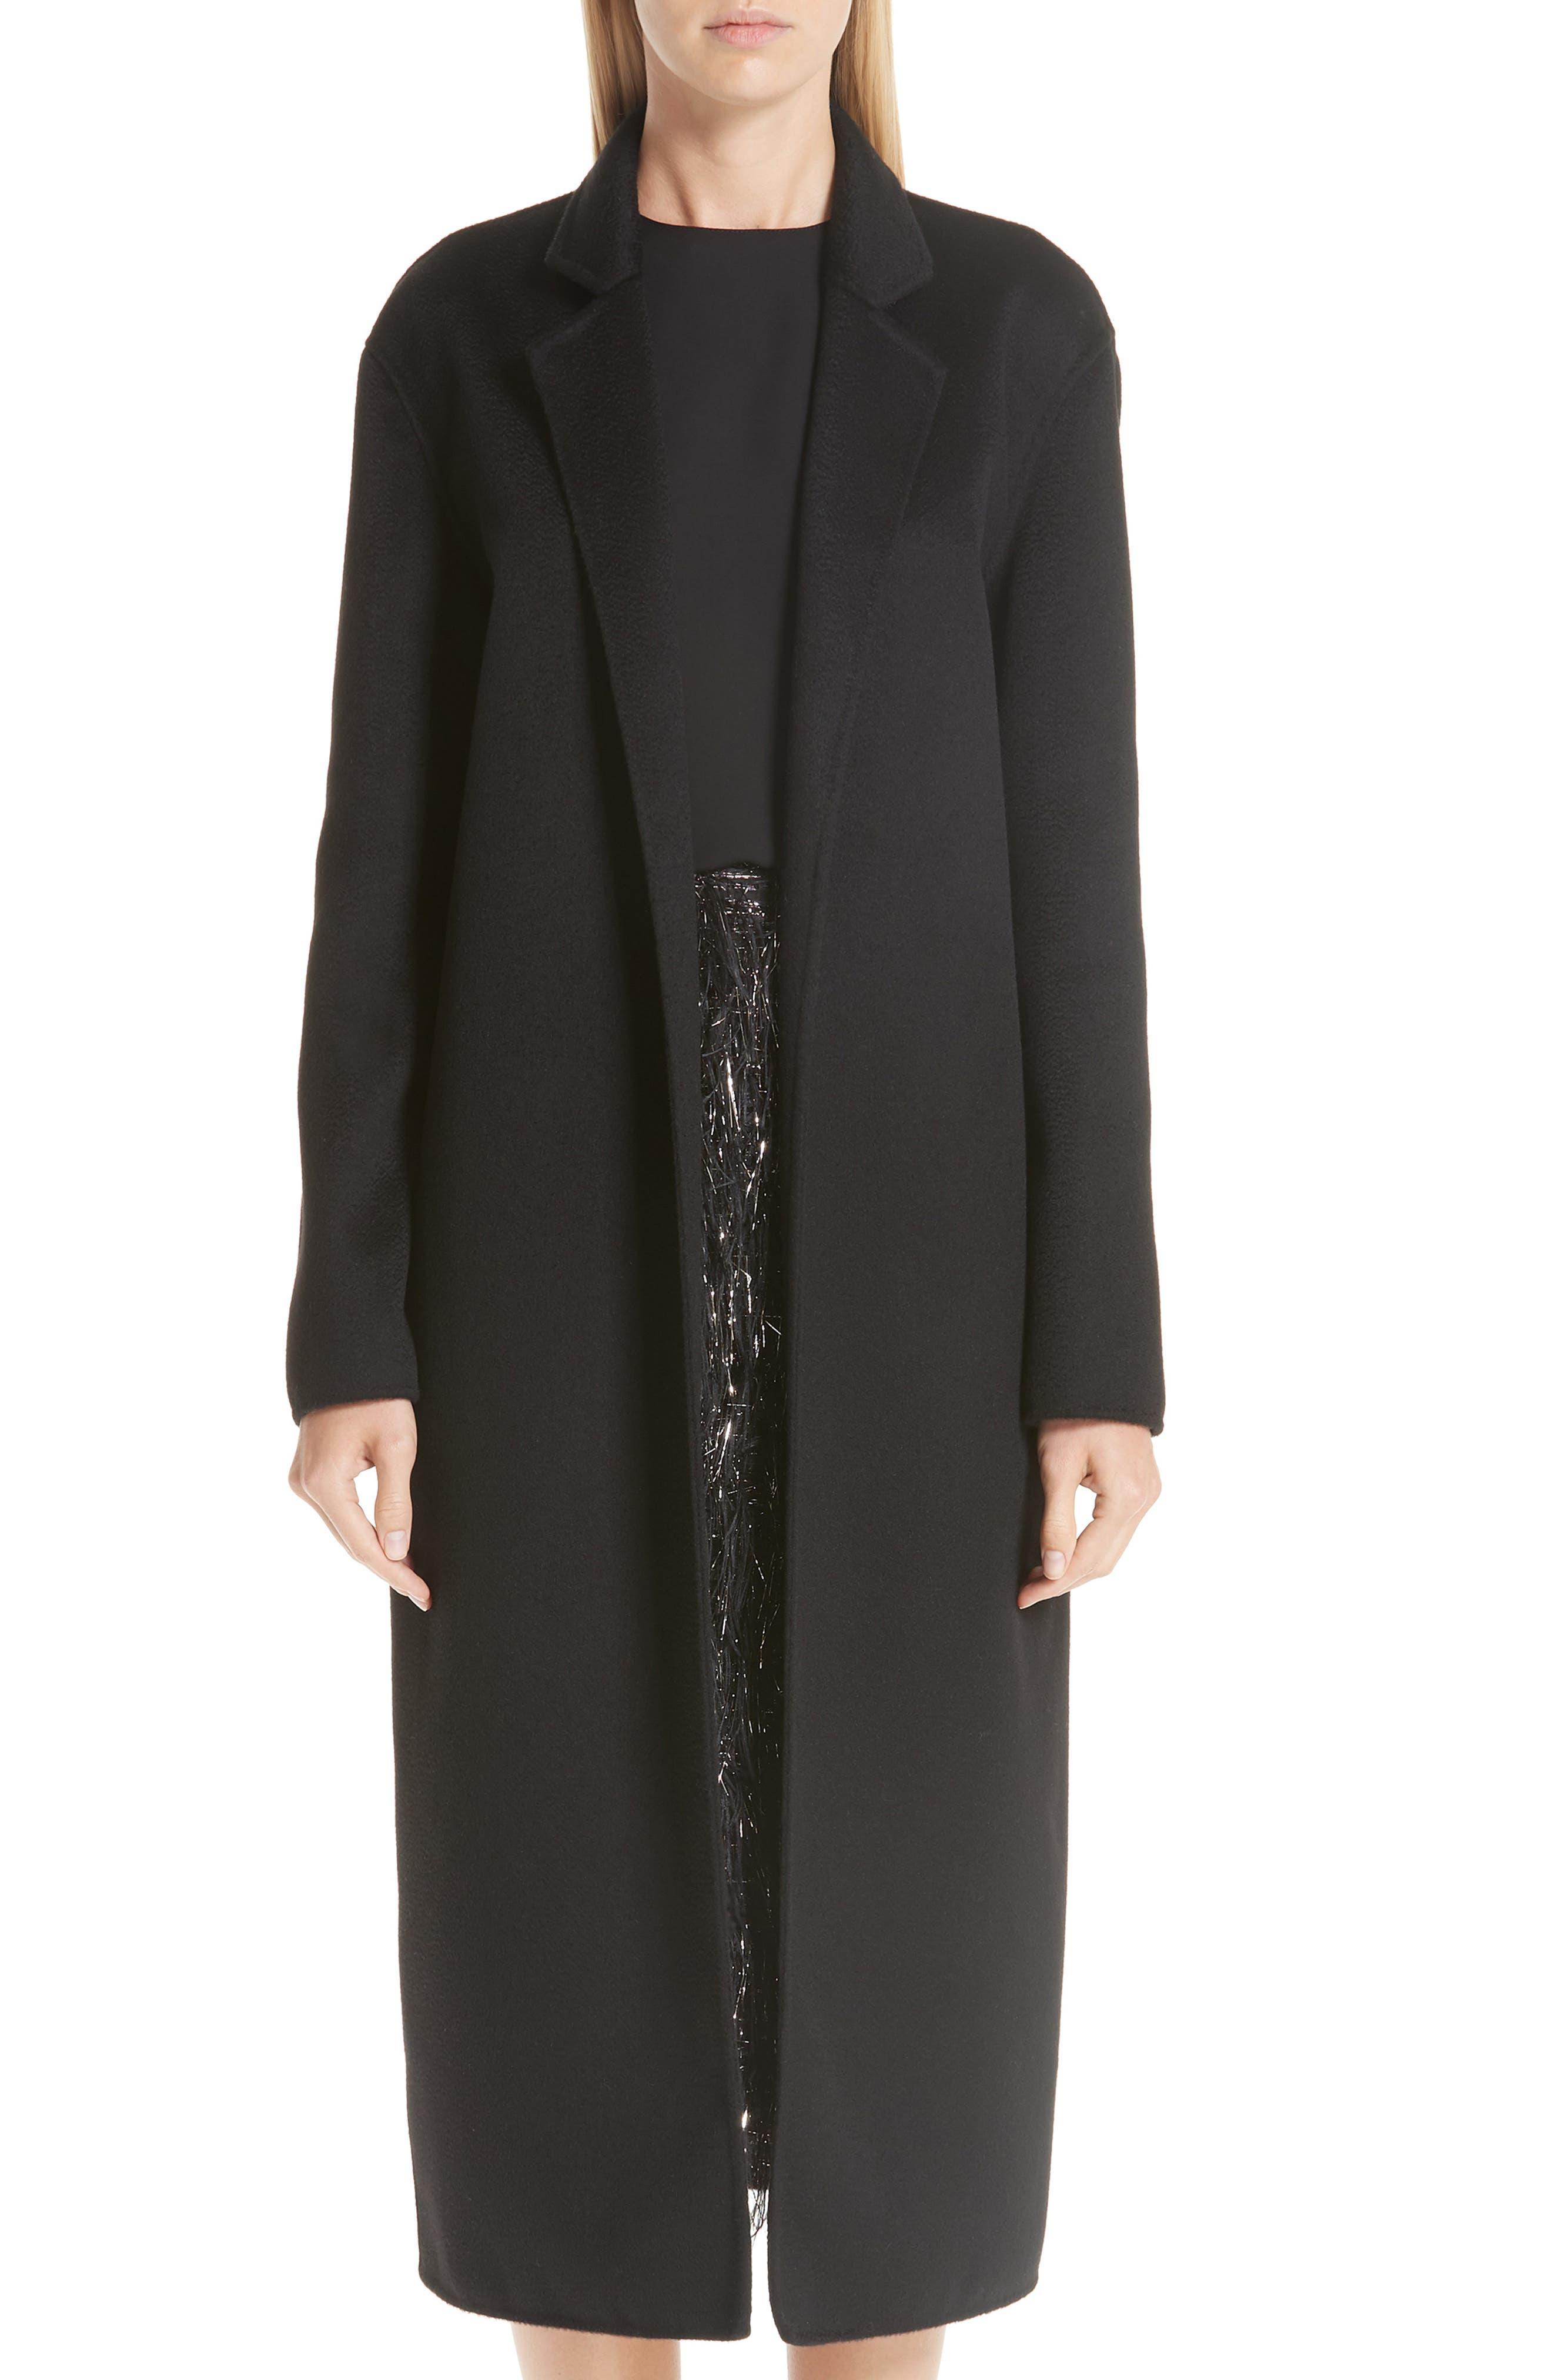 MANSUR GAVRIEL,                             Longline Cashmere Coat,                             Main thumbnail 1, color,                             001